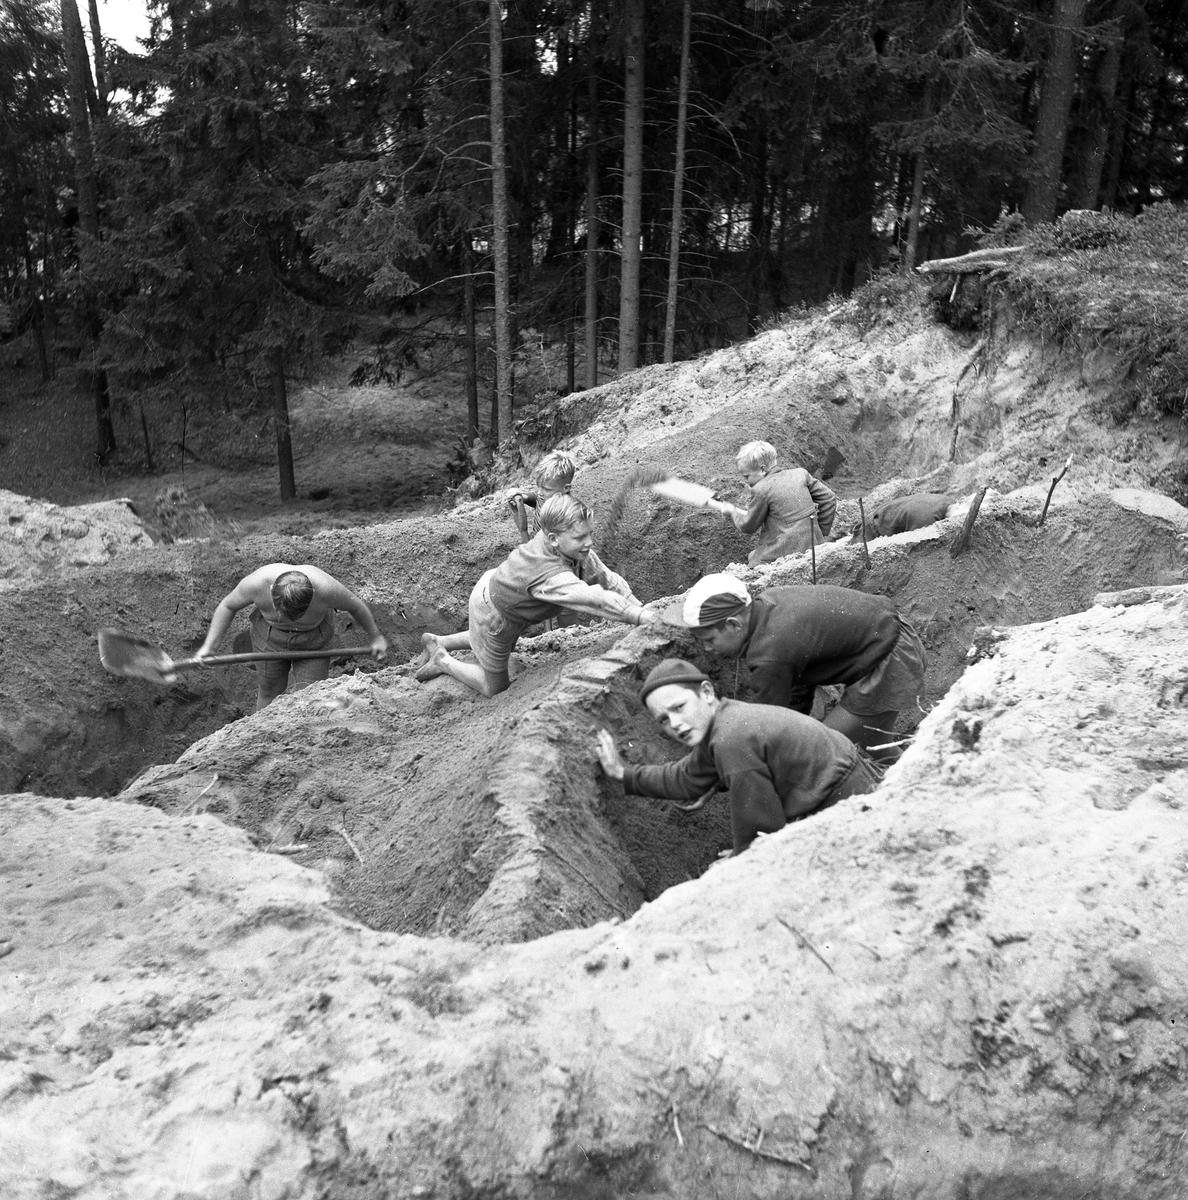 Barnleken. Ett gäng pojkar gräver gropar och gångar. De är i skogskanten. Inget årtal angivet av fotografen.